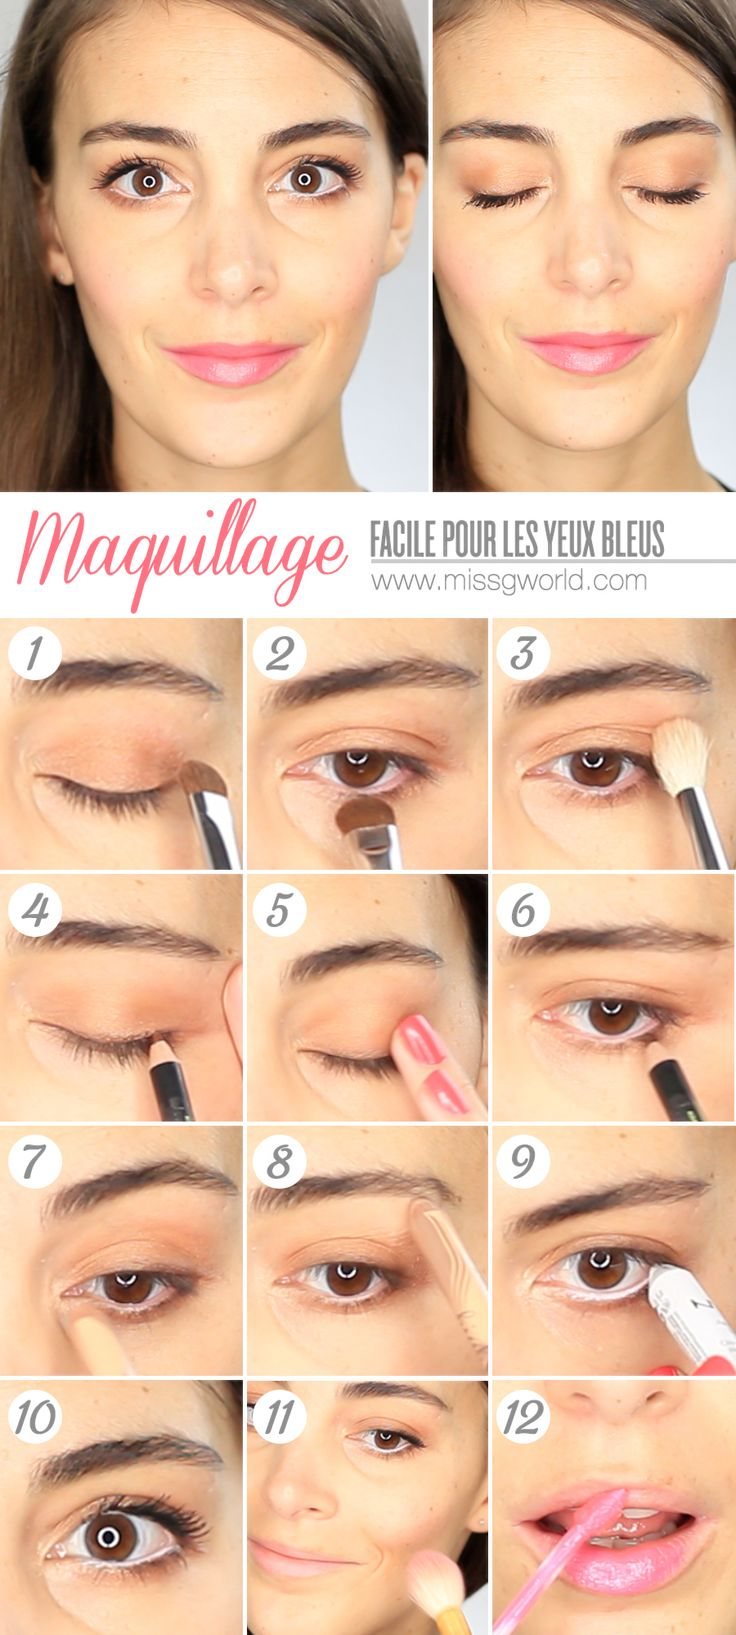 Les 329 Meilleures Images Propos De Make Up Sur Pinterest Smoky Eye Too Faced Et Eyeliner